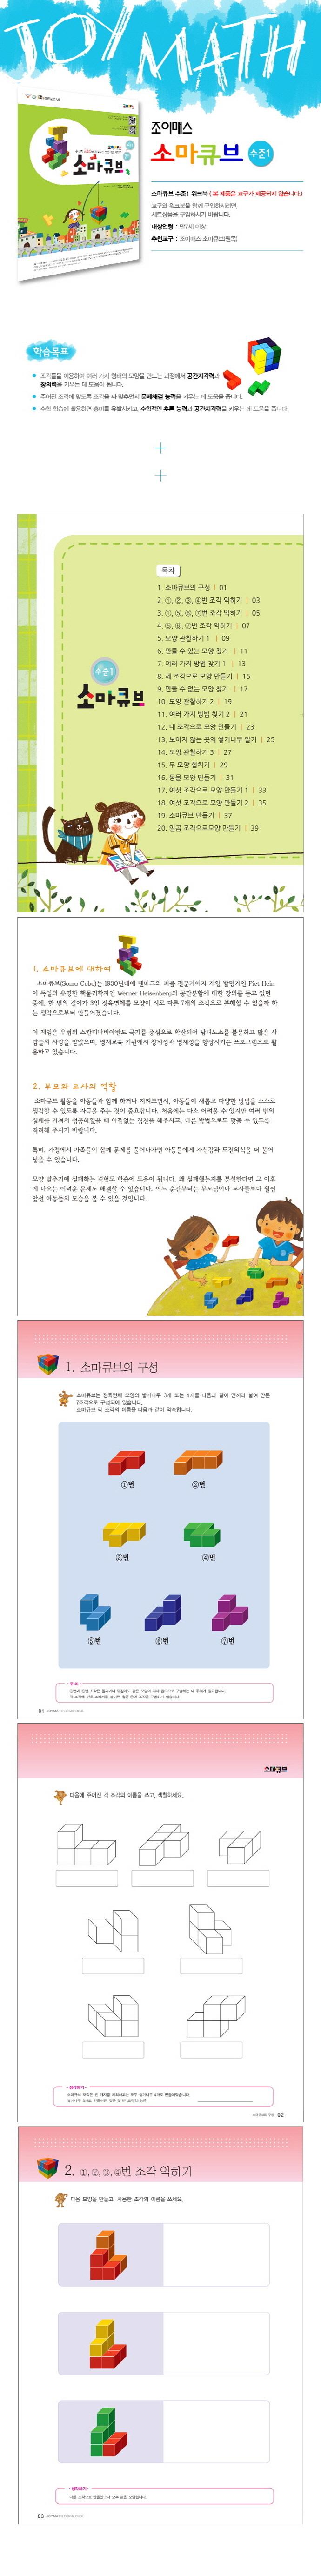 조이매스 소마큐브 수준 1 워크북 도서 상세이미지